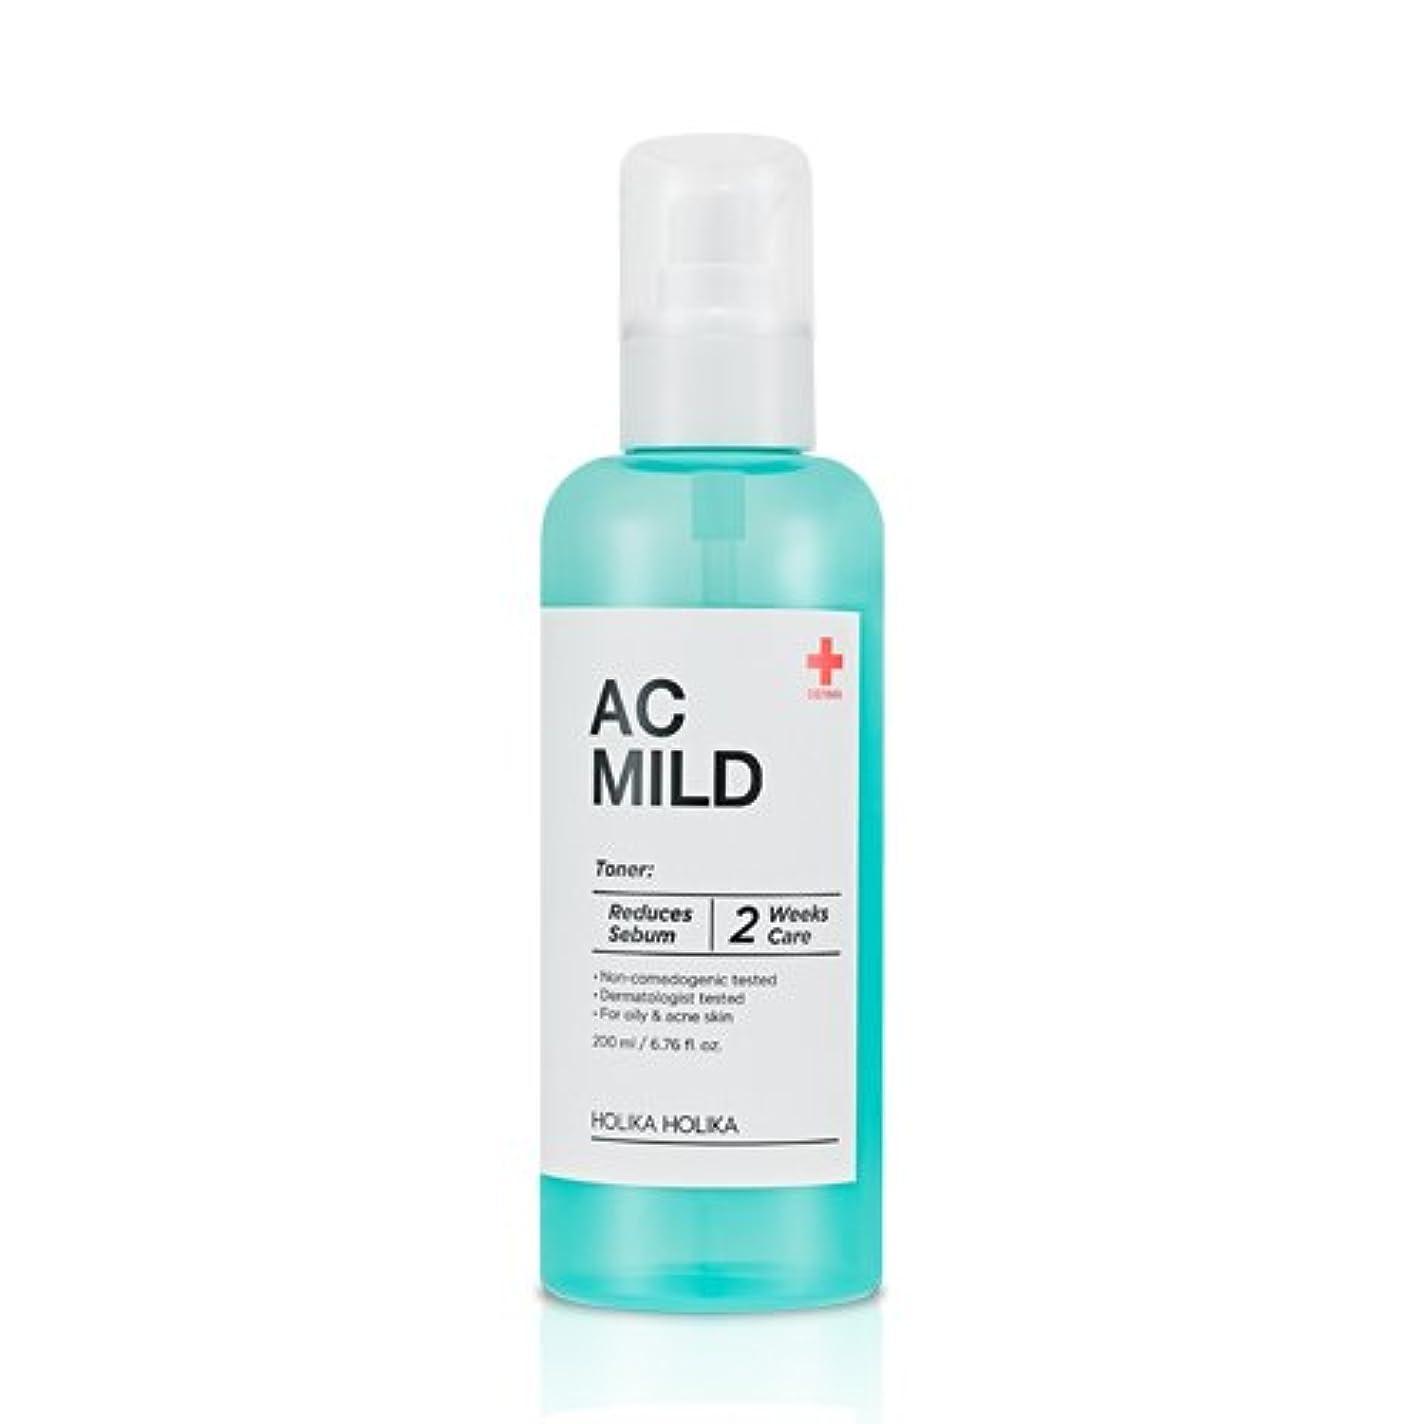 名前で湿地アルカイックホリカホリカ ACマイルドスキントナー/HolikaHolika AC Mild Skin Toner 200ml・化粧水 [並行輸入品]